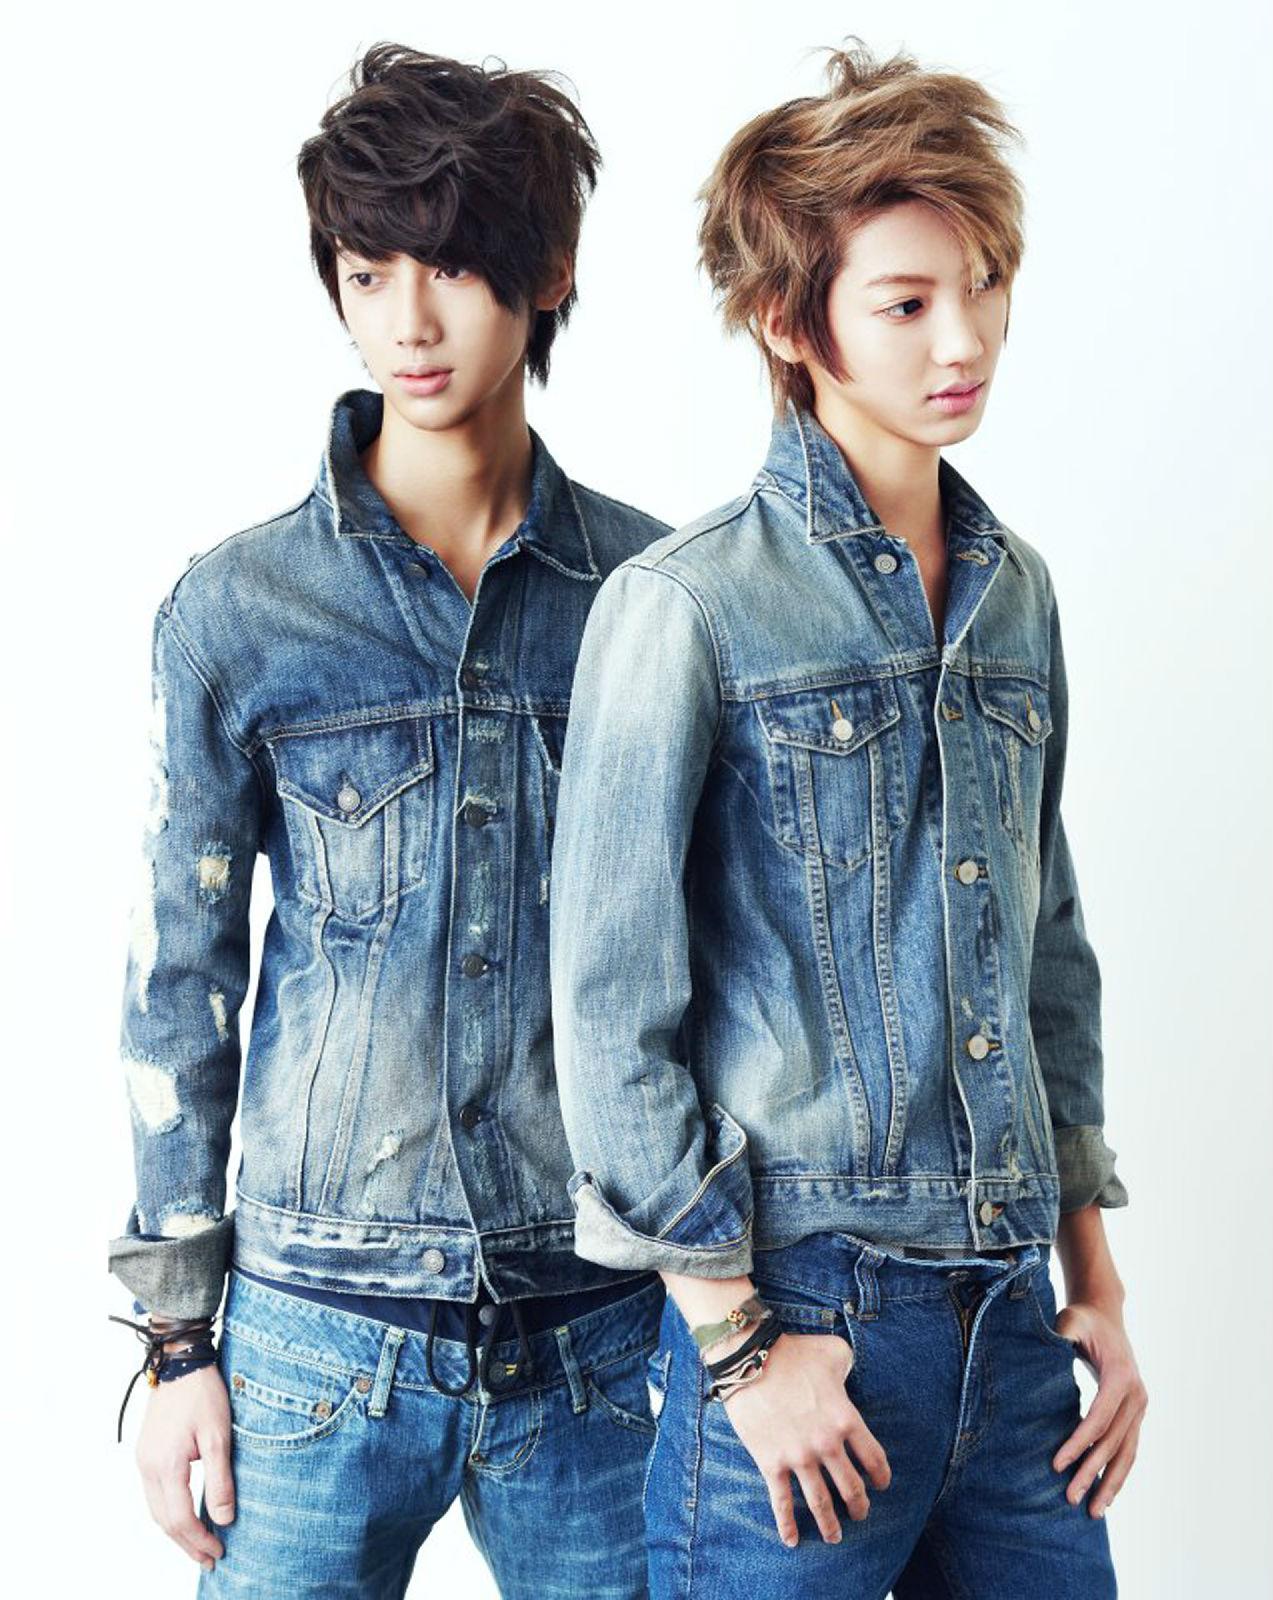 赵英敏赵光敏_是左边这个哦,亲!右边的是弟弟赵光敏!左边的是哥哥赵英敏哦!